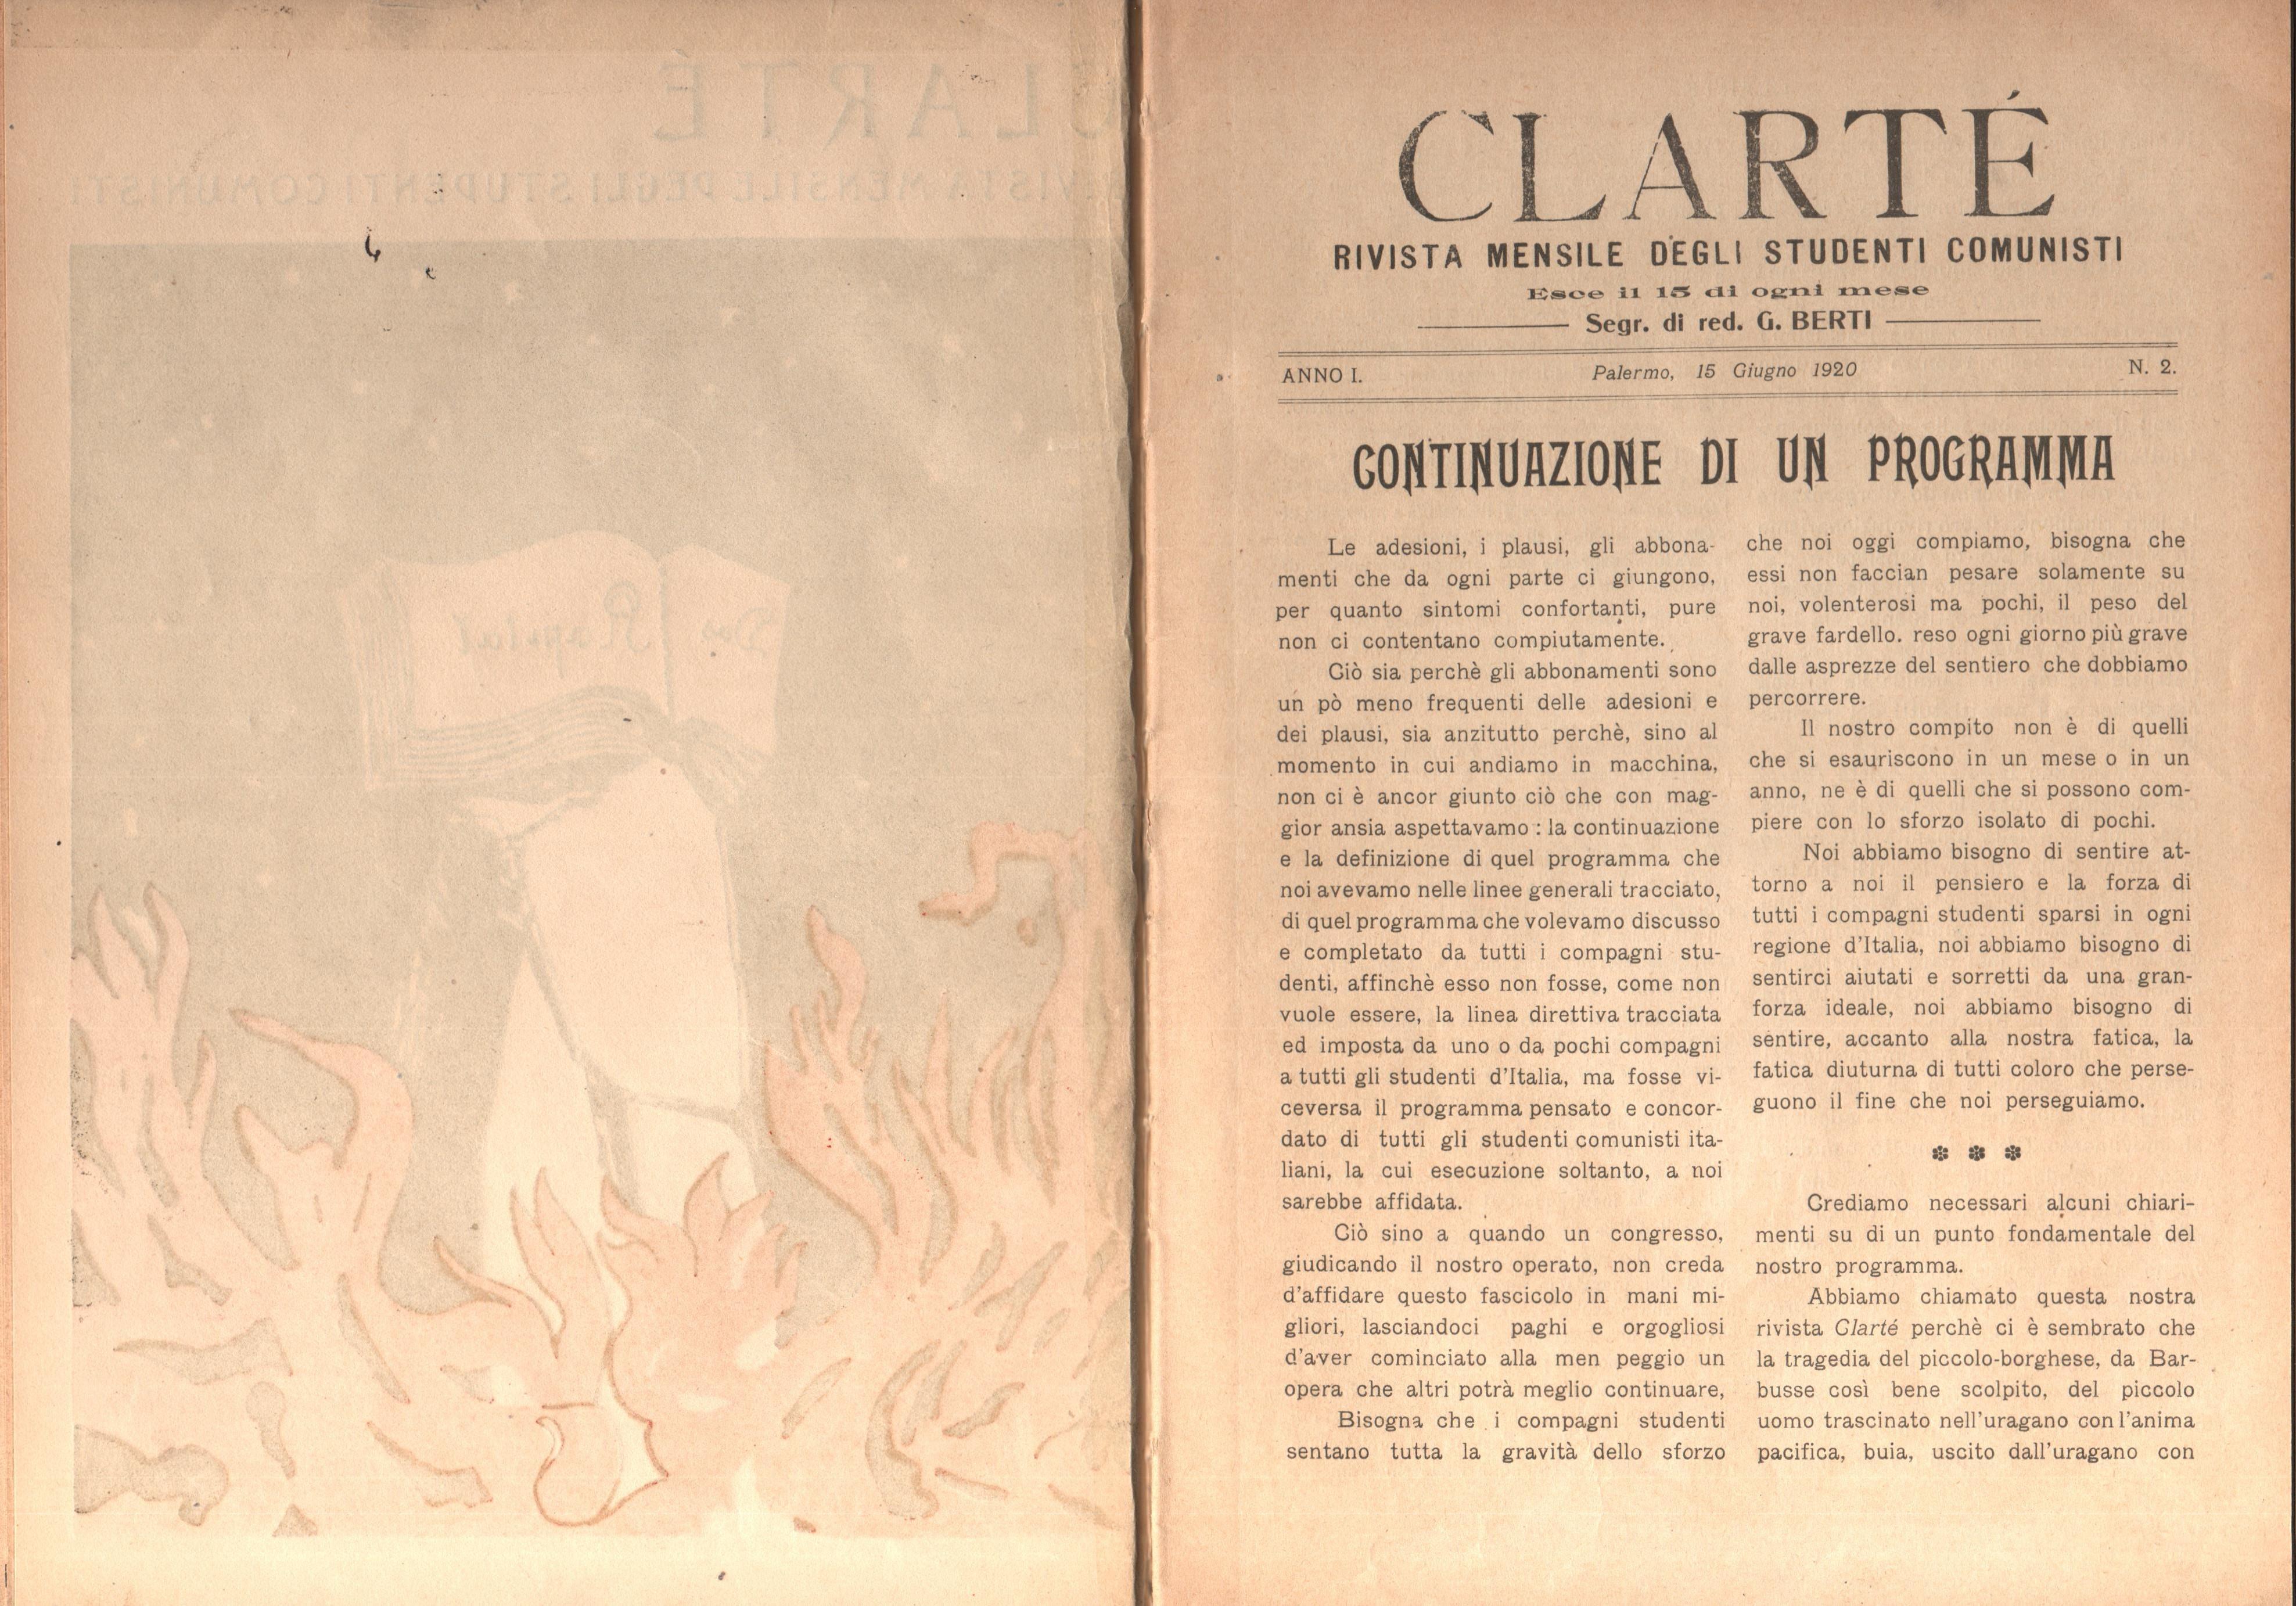 Clarté. Rivista mensile degli studenti comunisti (a. I, n. 2, Palermo, 15 giugno 1920) - pag. 2